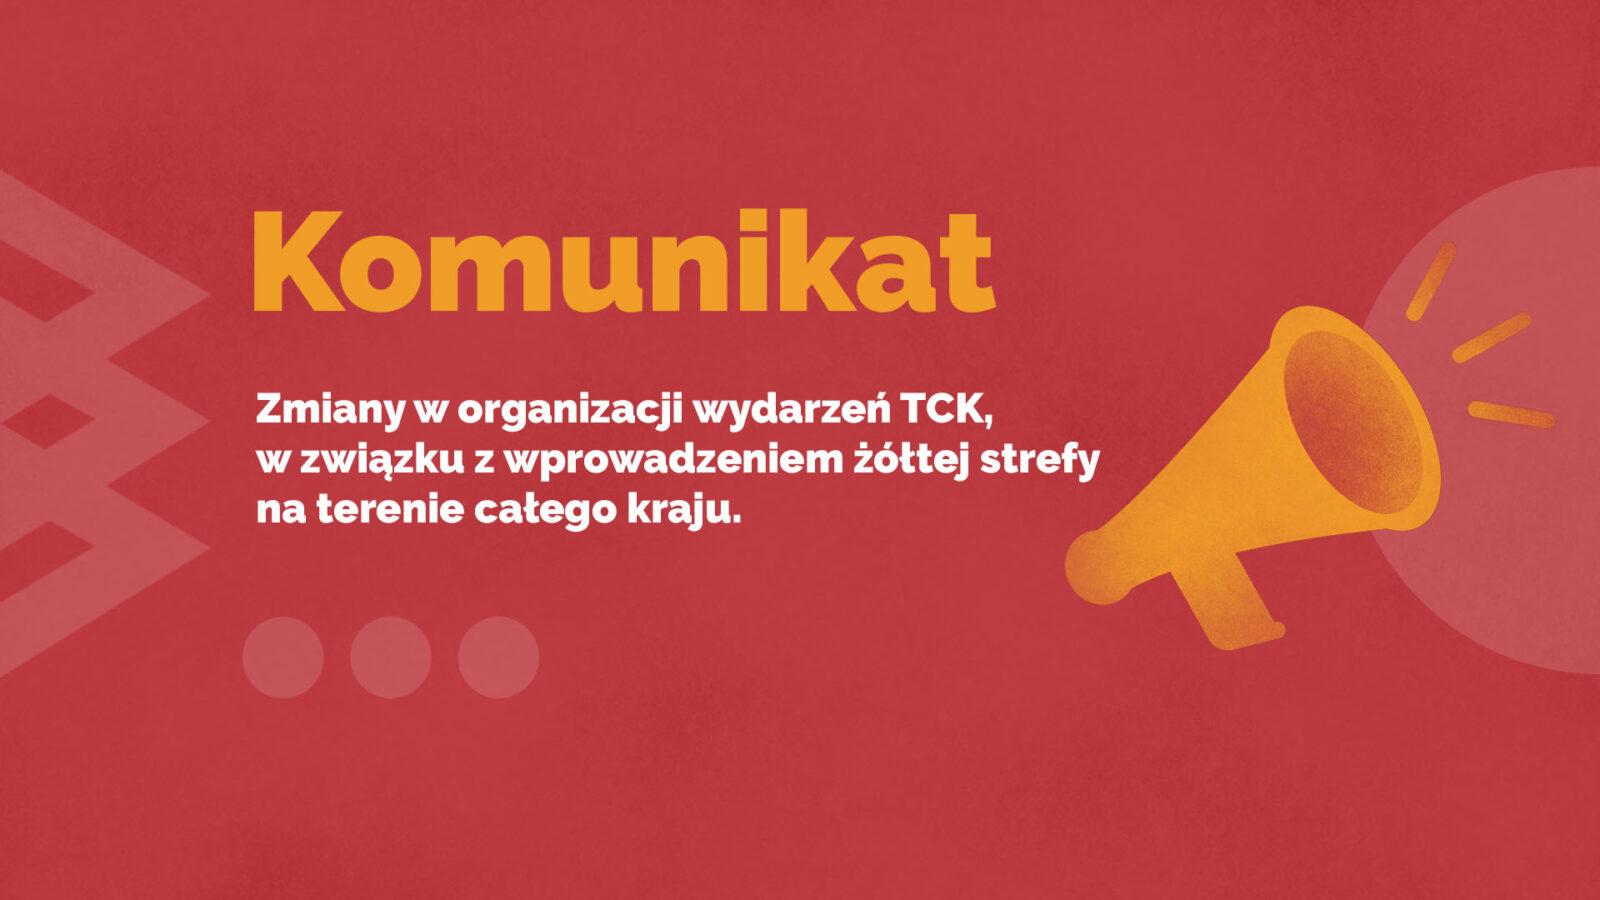 Komunikat TCK: Zmiany w organizacji wydarzeń TCK w związku z wprowadzeniem żółtej strefy COVID